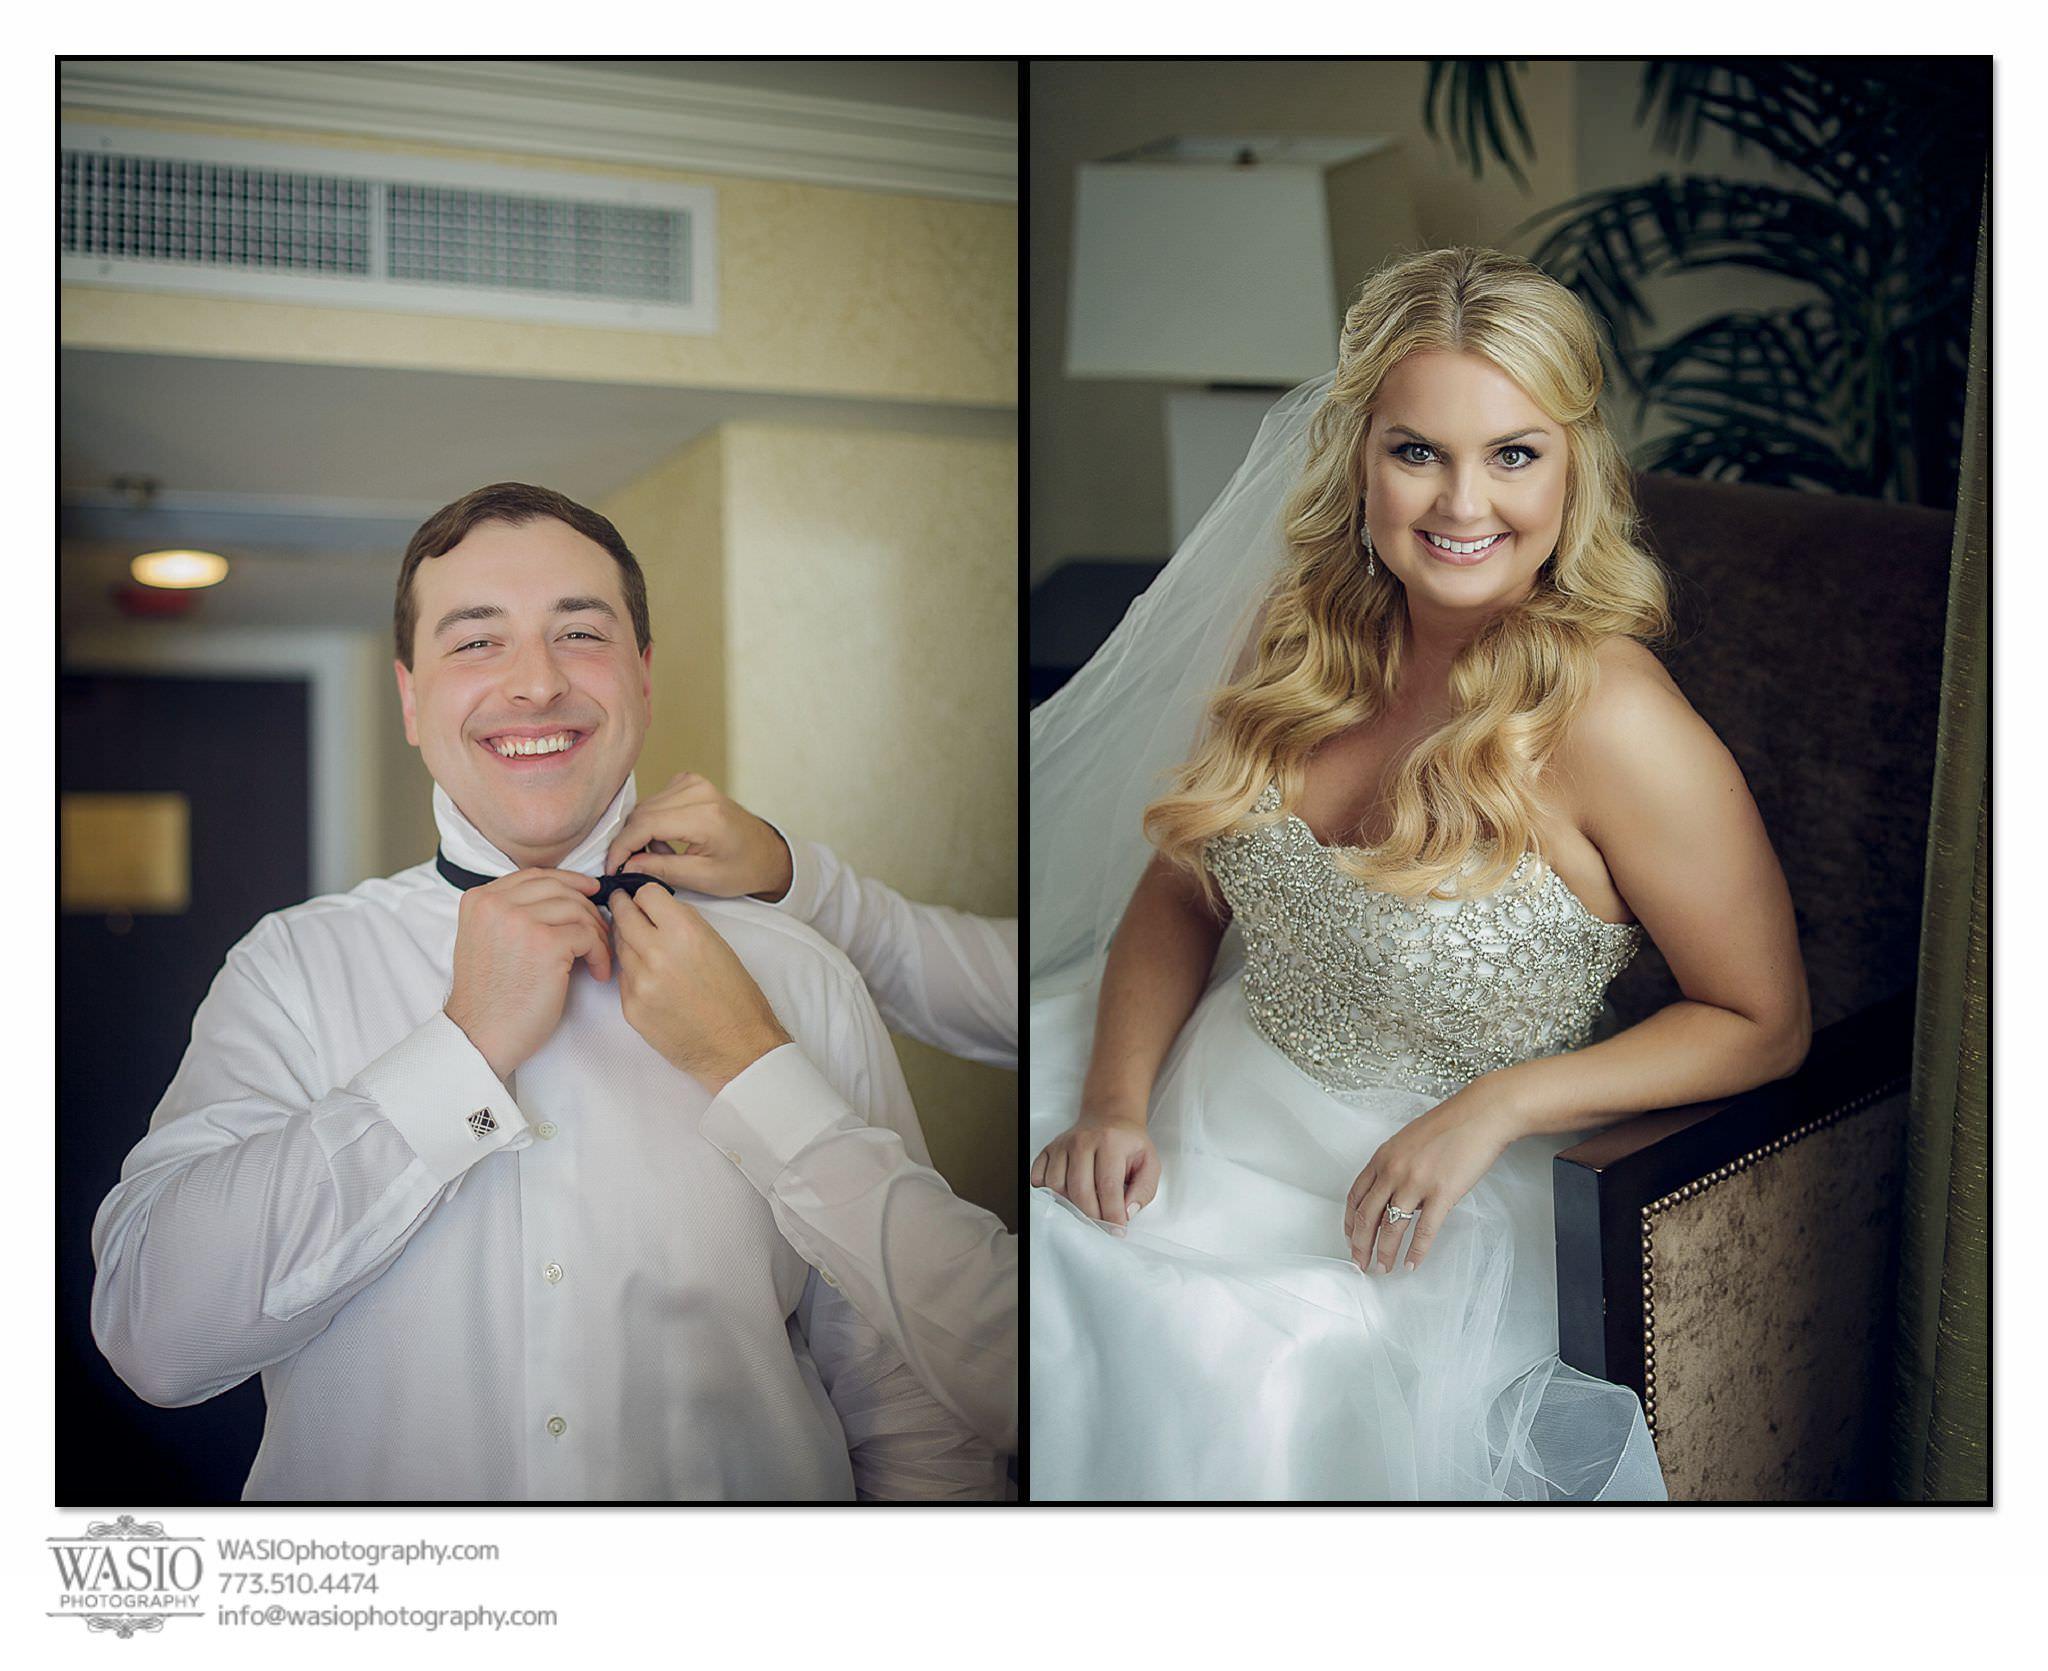 venue-one-chicago-wedding-bride-groom-preparation-Palmer-House-Hotel-53 Venue One Chicago Wedding - Katie + Mike